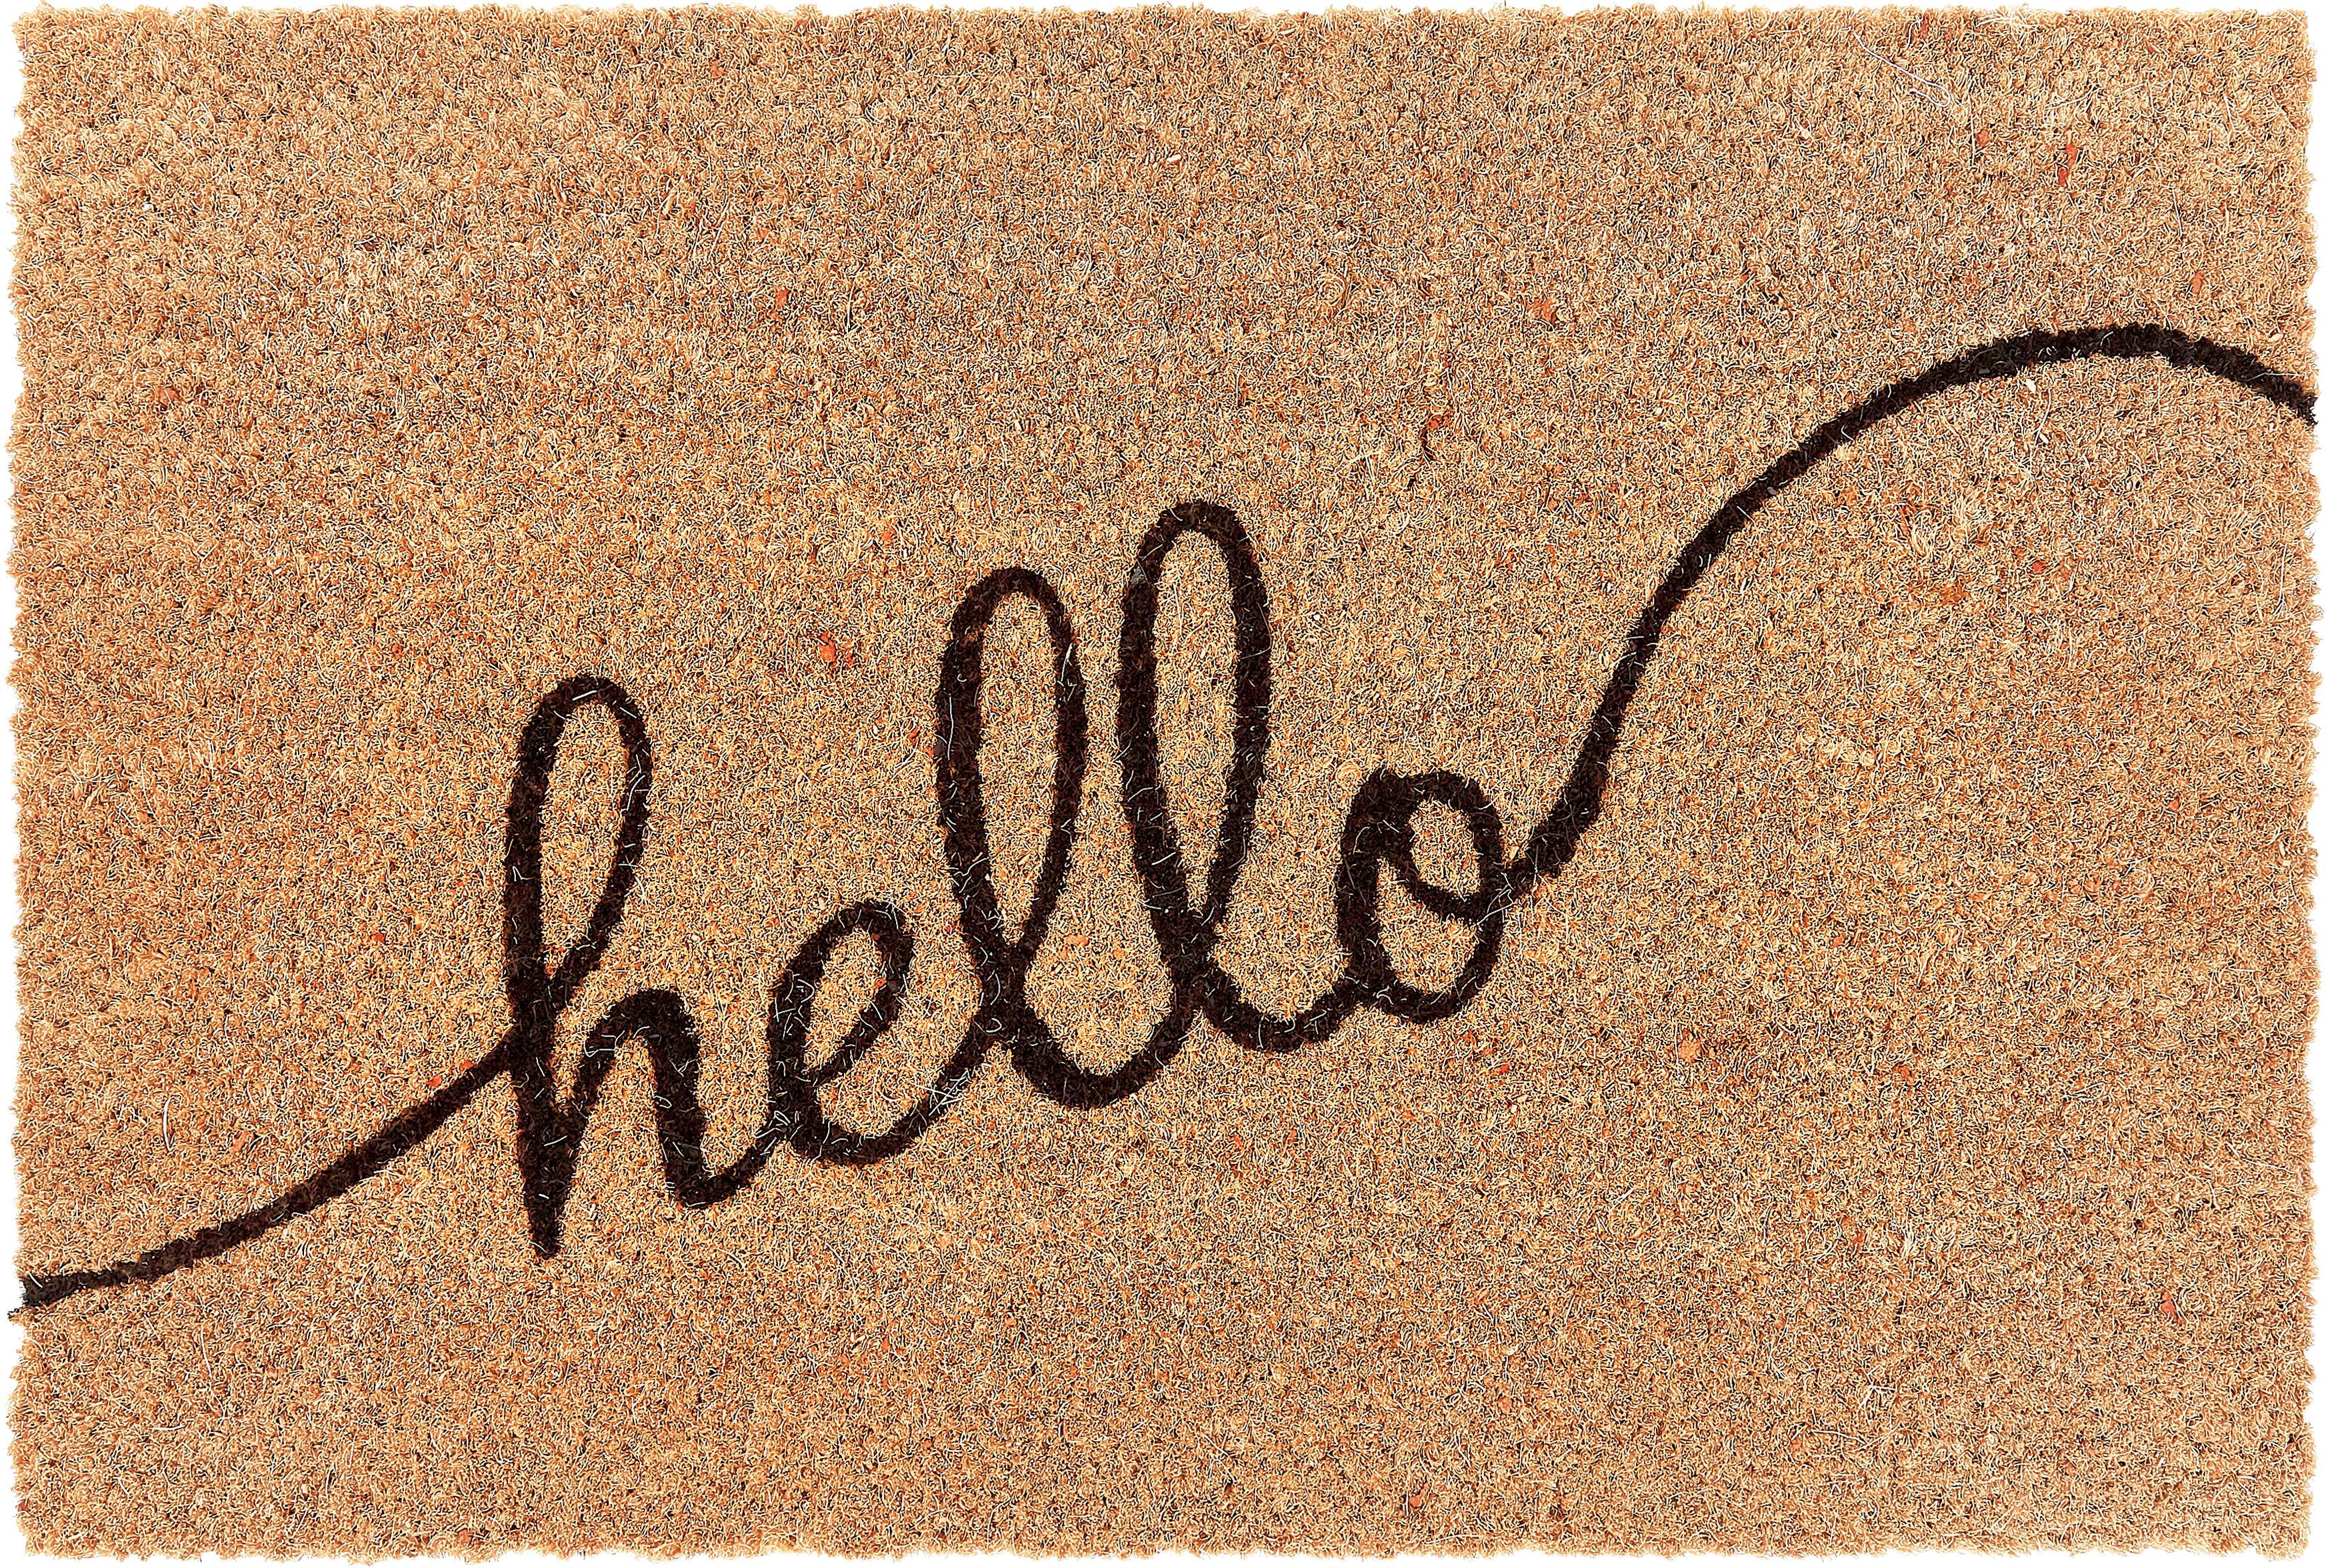 Fußmatte Hello, Oberseite: Kokosfaser, Unterseite: PVC, Braun, Schwarz, 40 x 60 cm